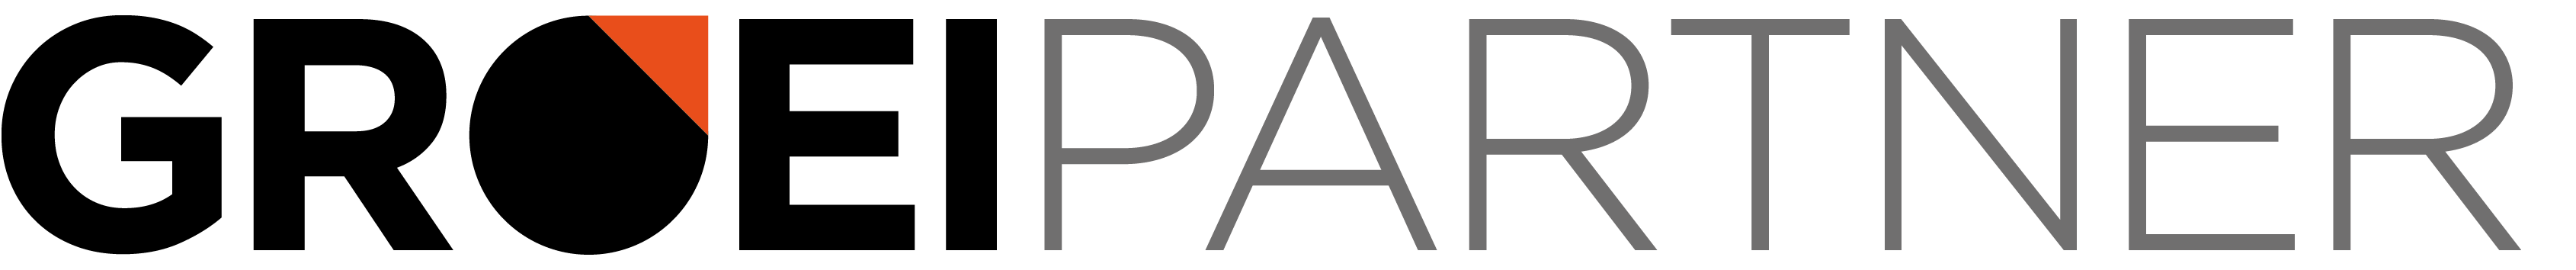 logo GroeiPartner